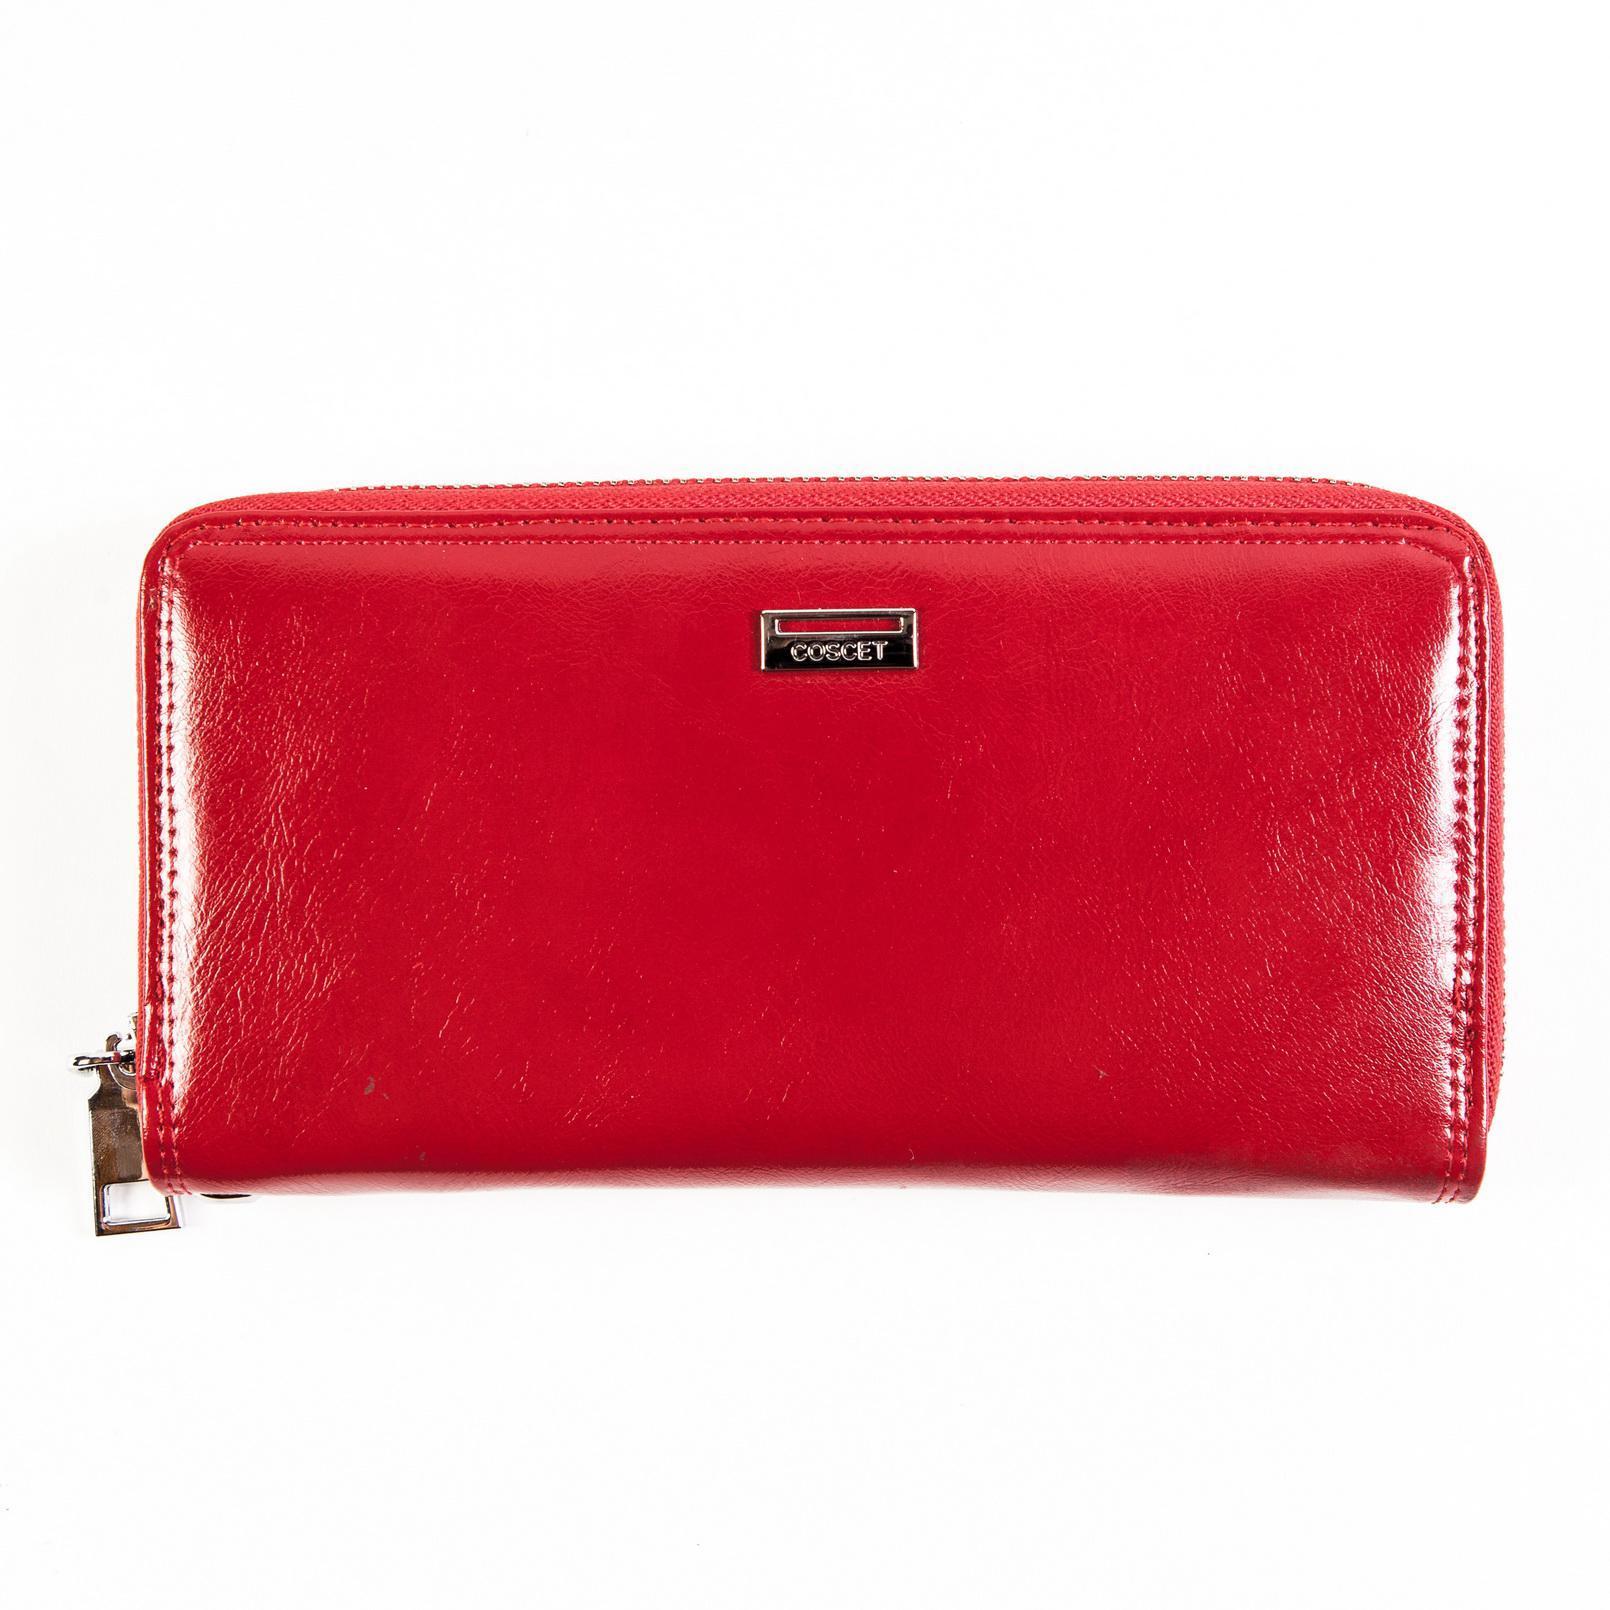 Большой красивый стильный женский красный кошелёк клатч с ремешком для запястья и отделениями для карт Coscet CS208-26B